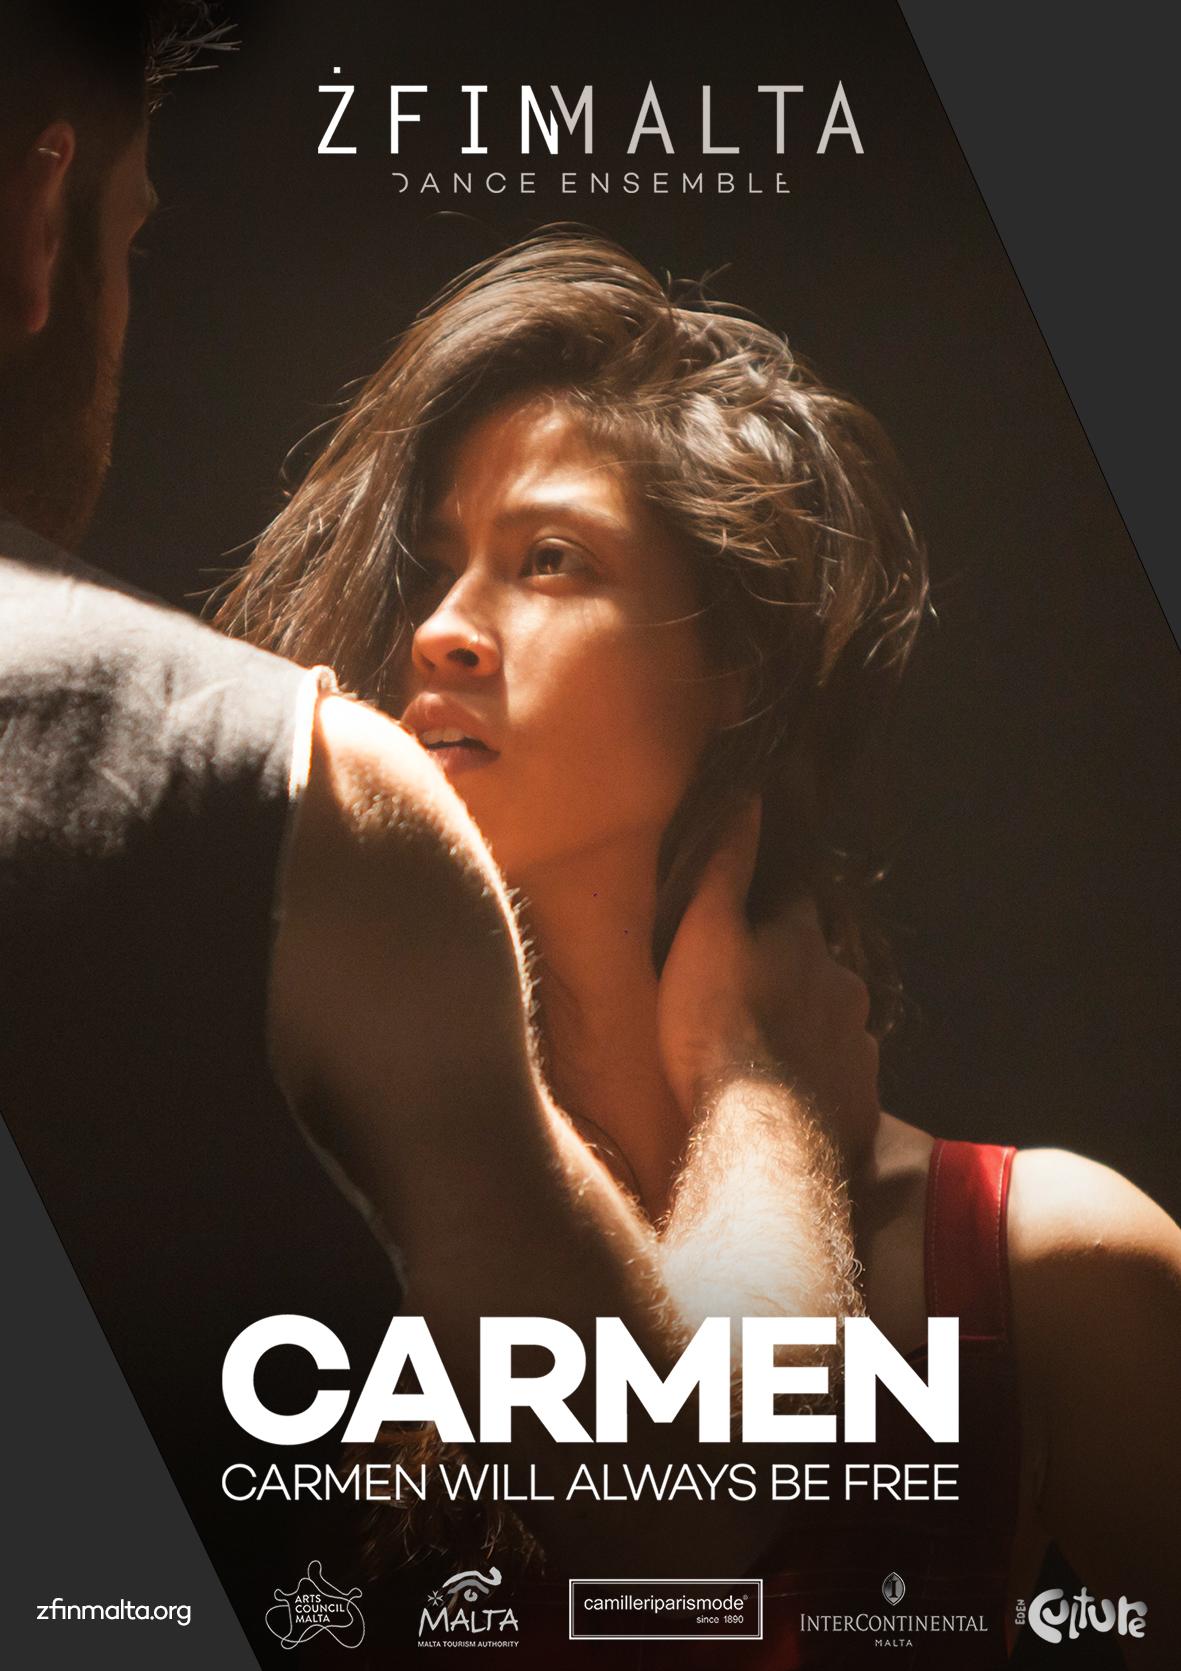 Carmen - April 21, Zejtun flyer